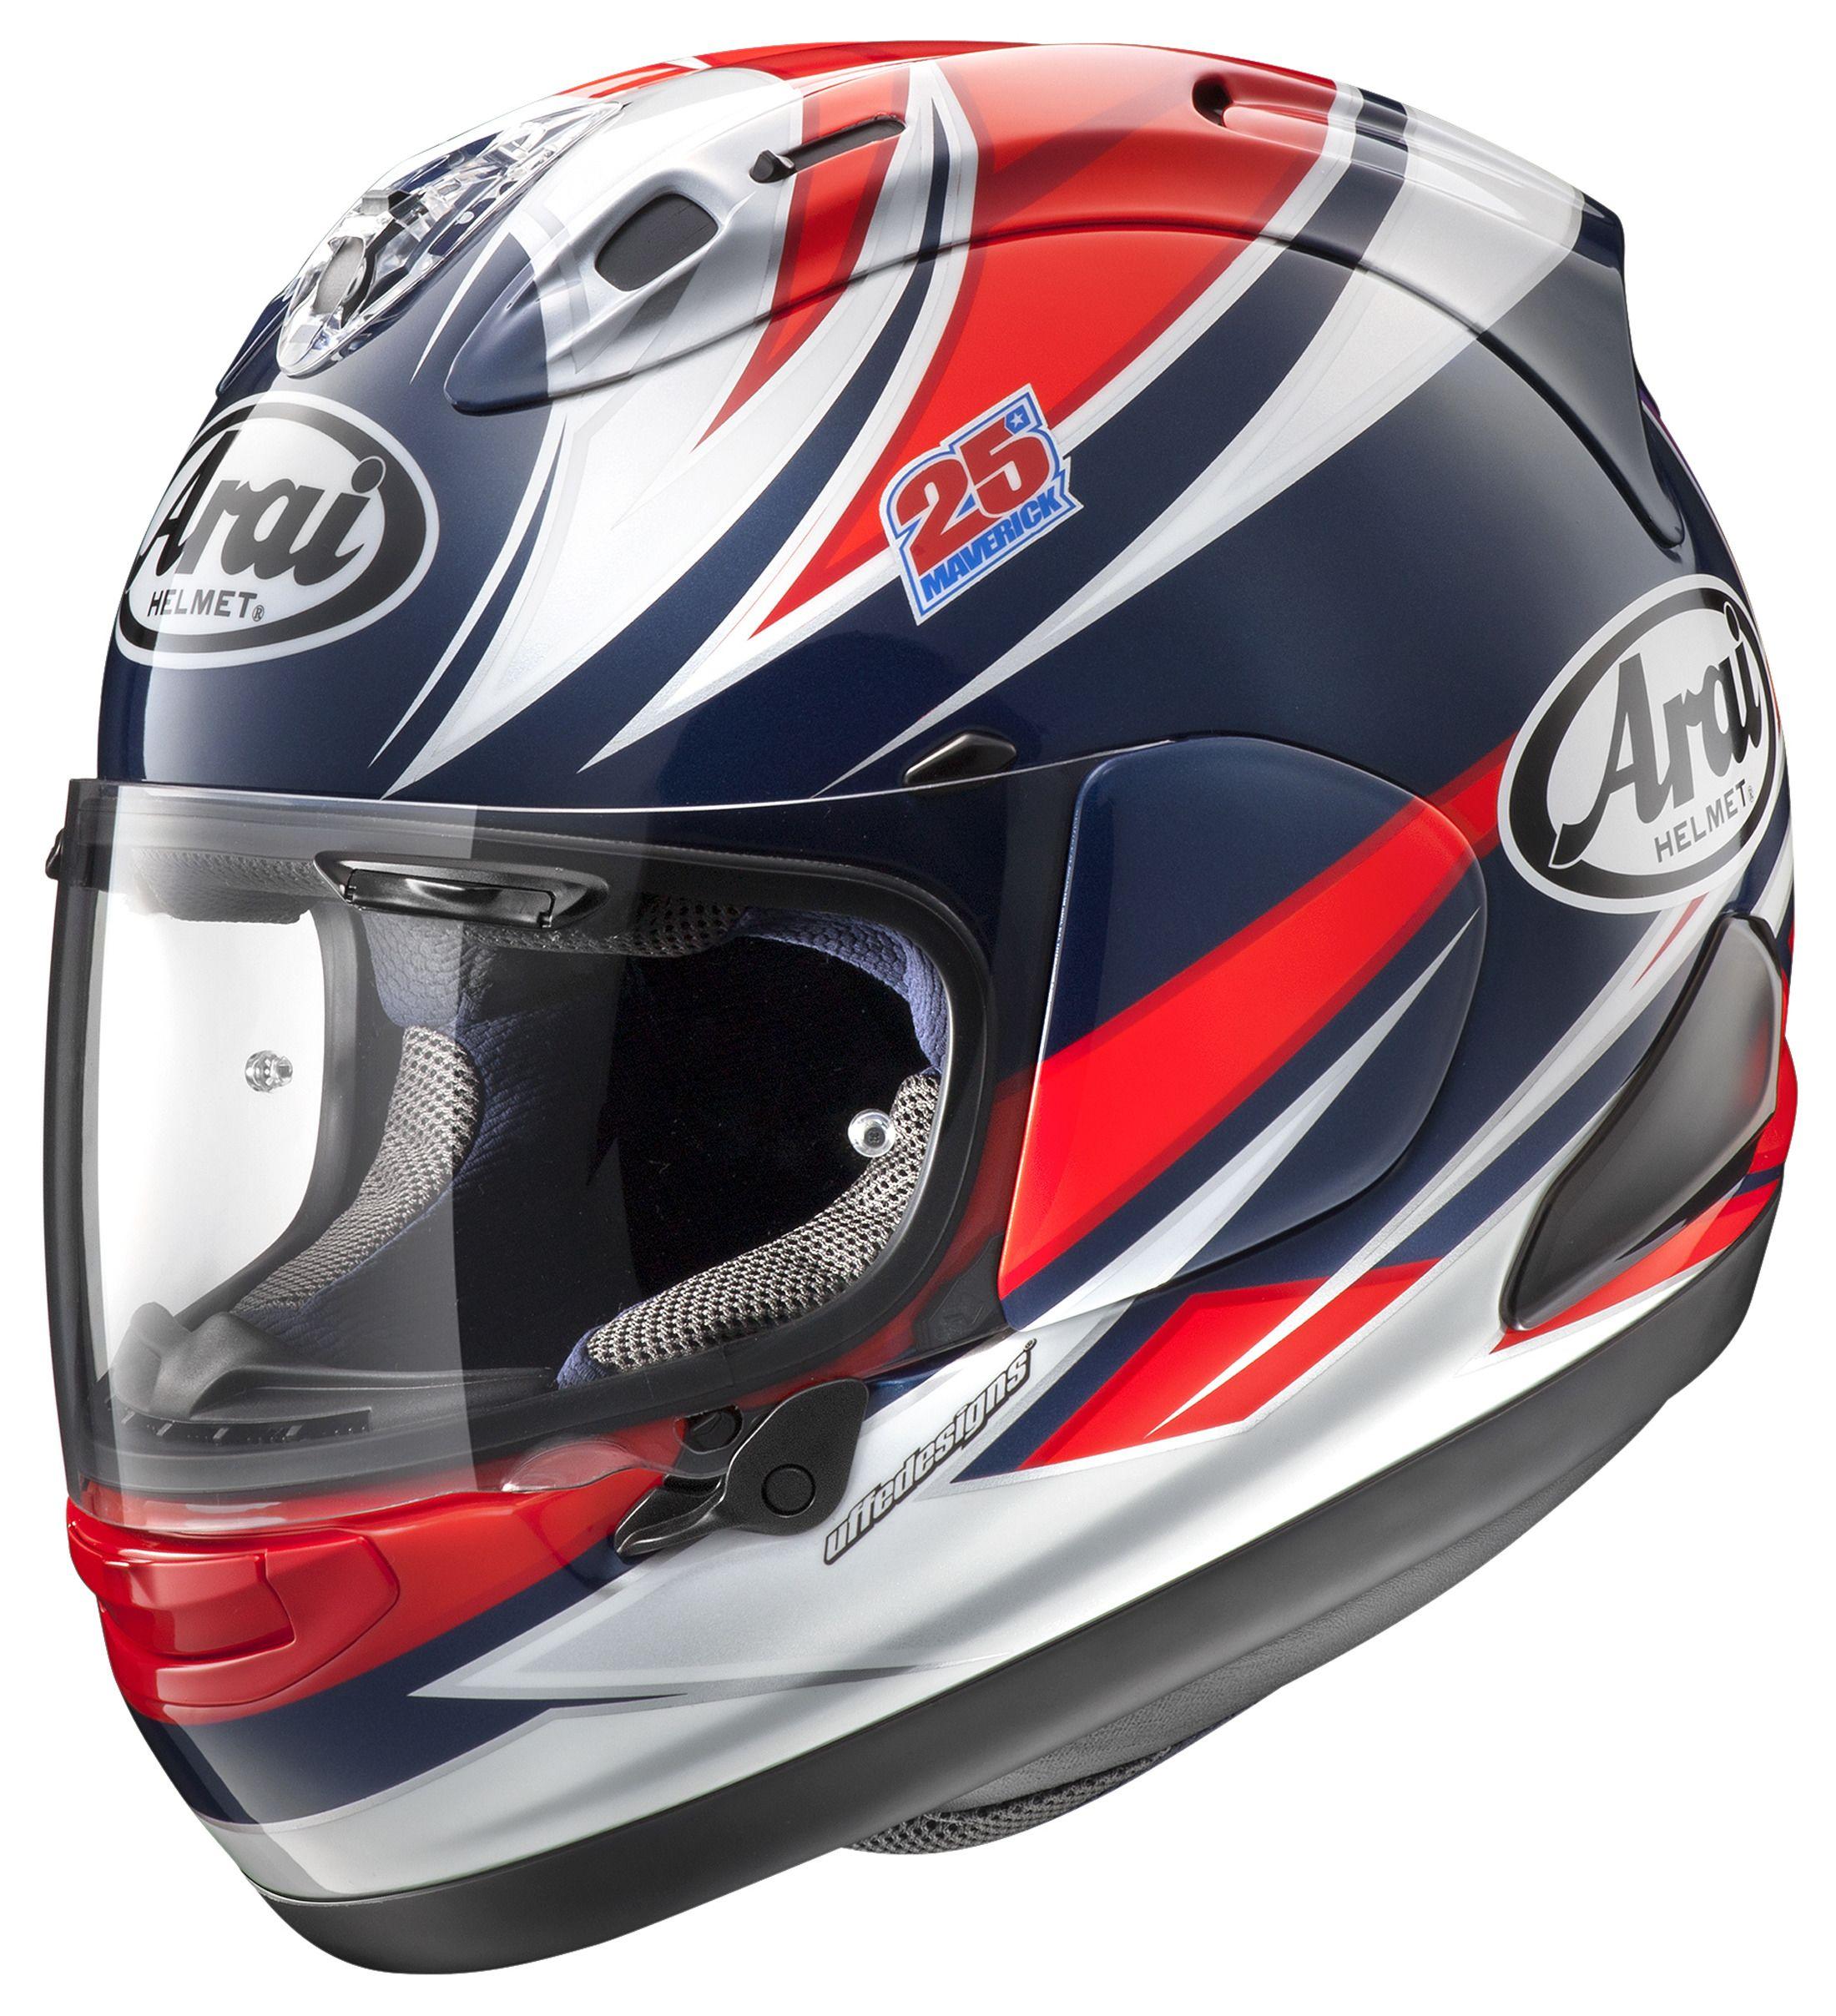 Hjc bluetooth helmet